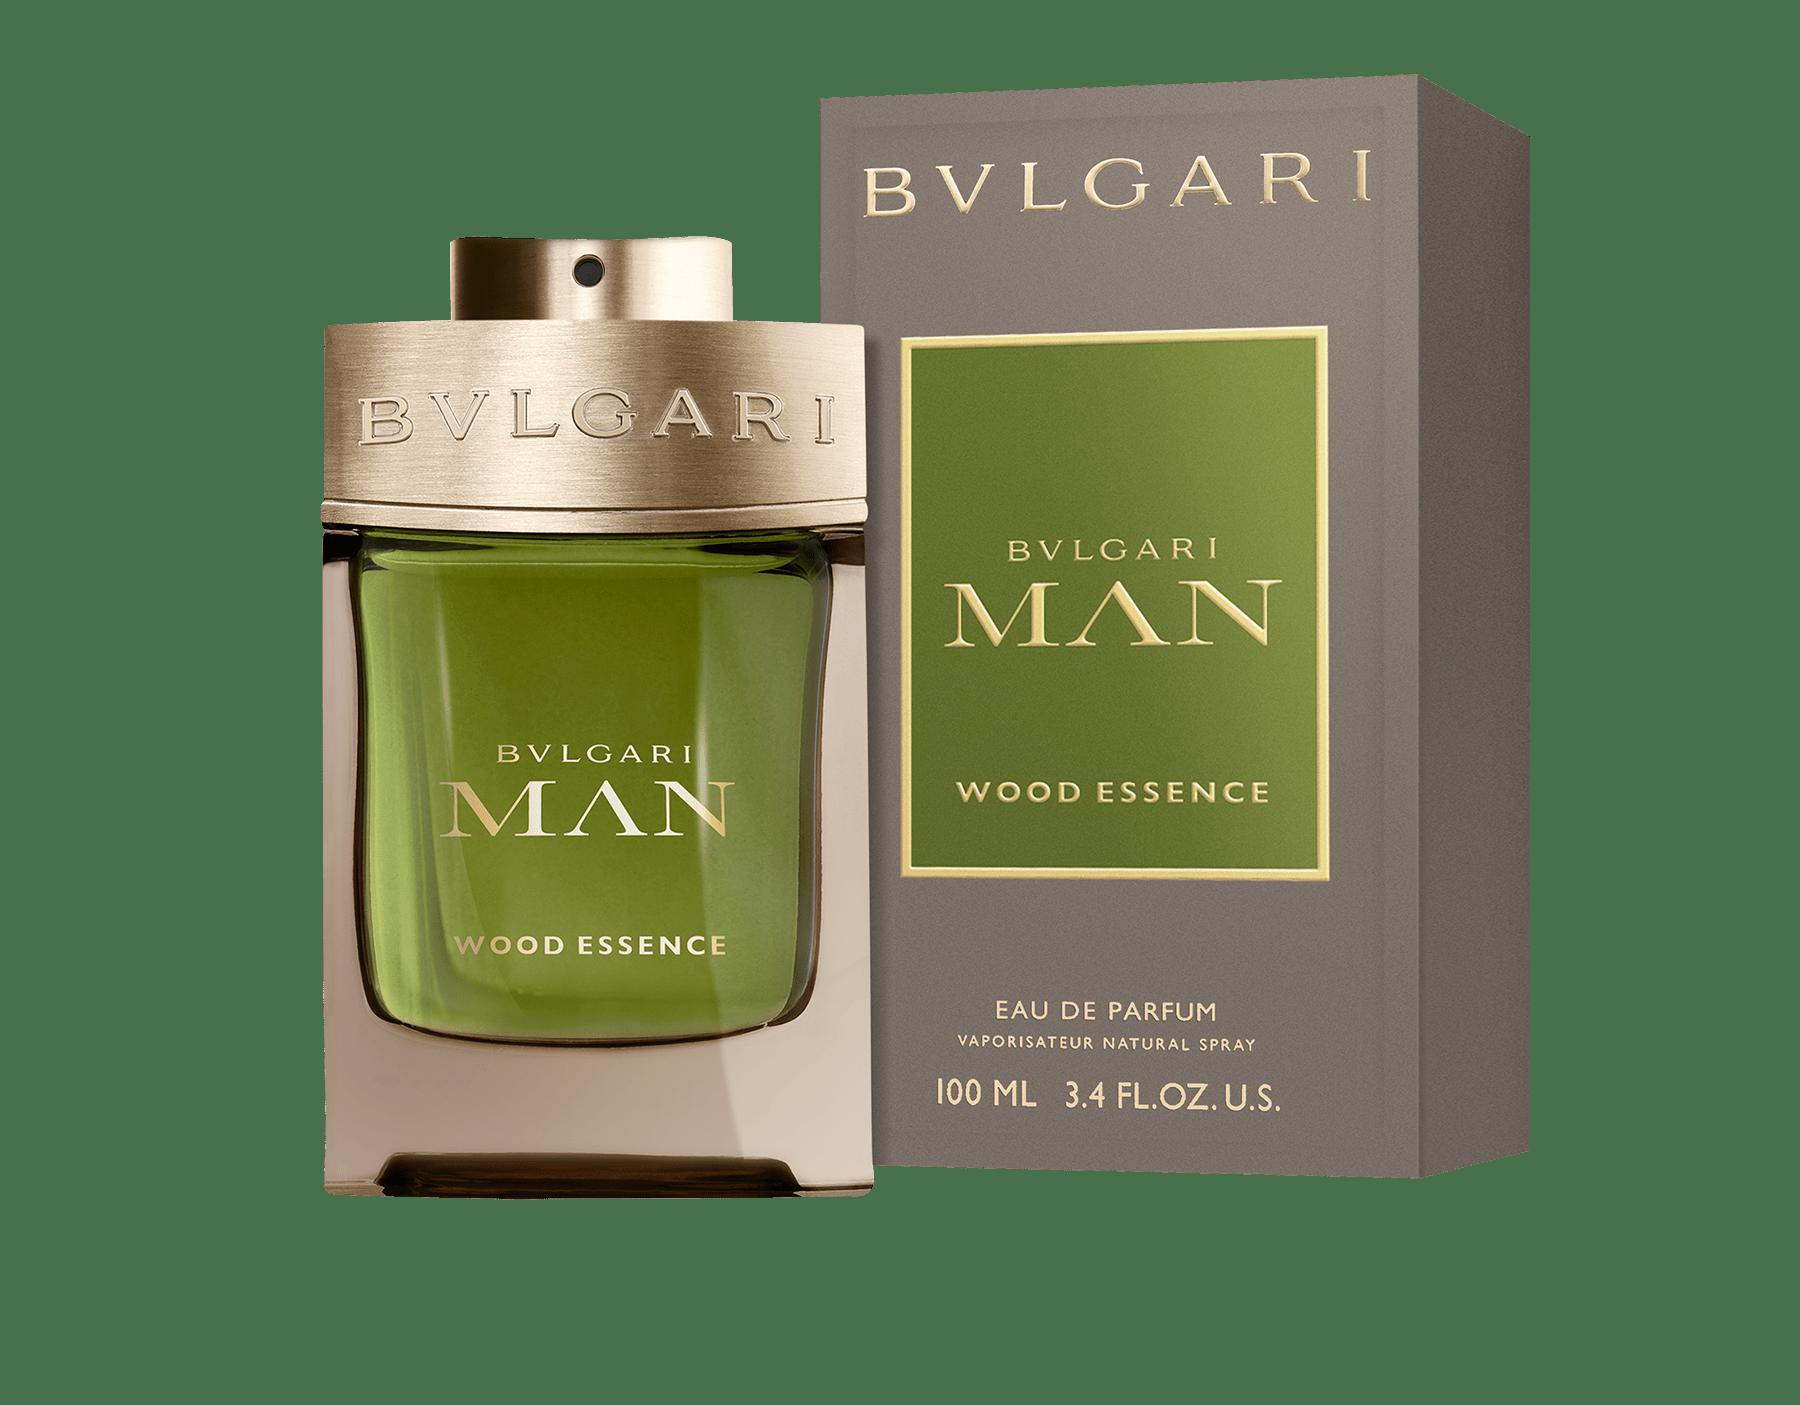 採用上等香料新木質香氛,包括香柏、柏木和香根草,並與溫暖和煦的安息香脂產生共鳴。 46100 image 2